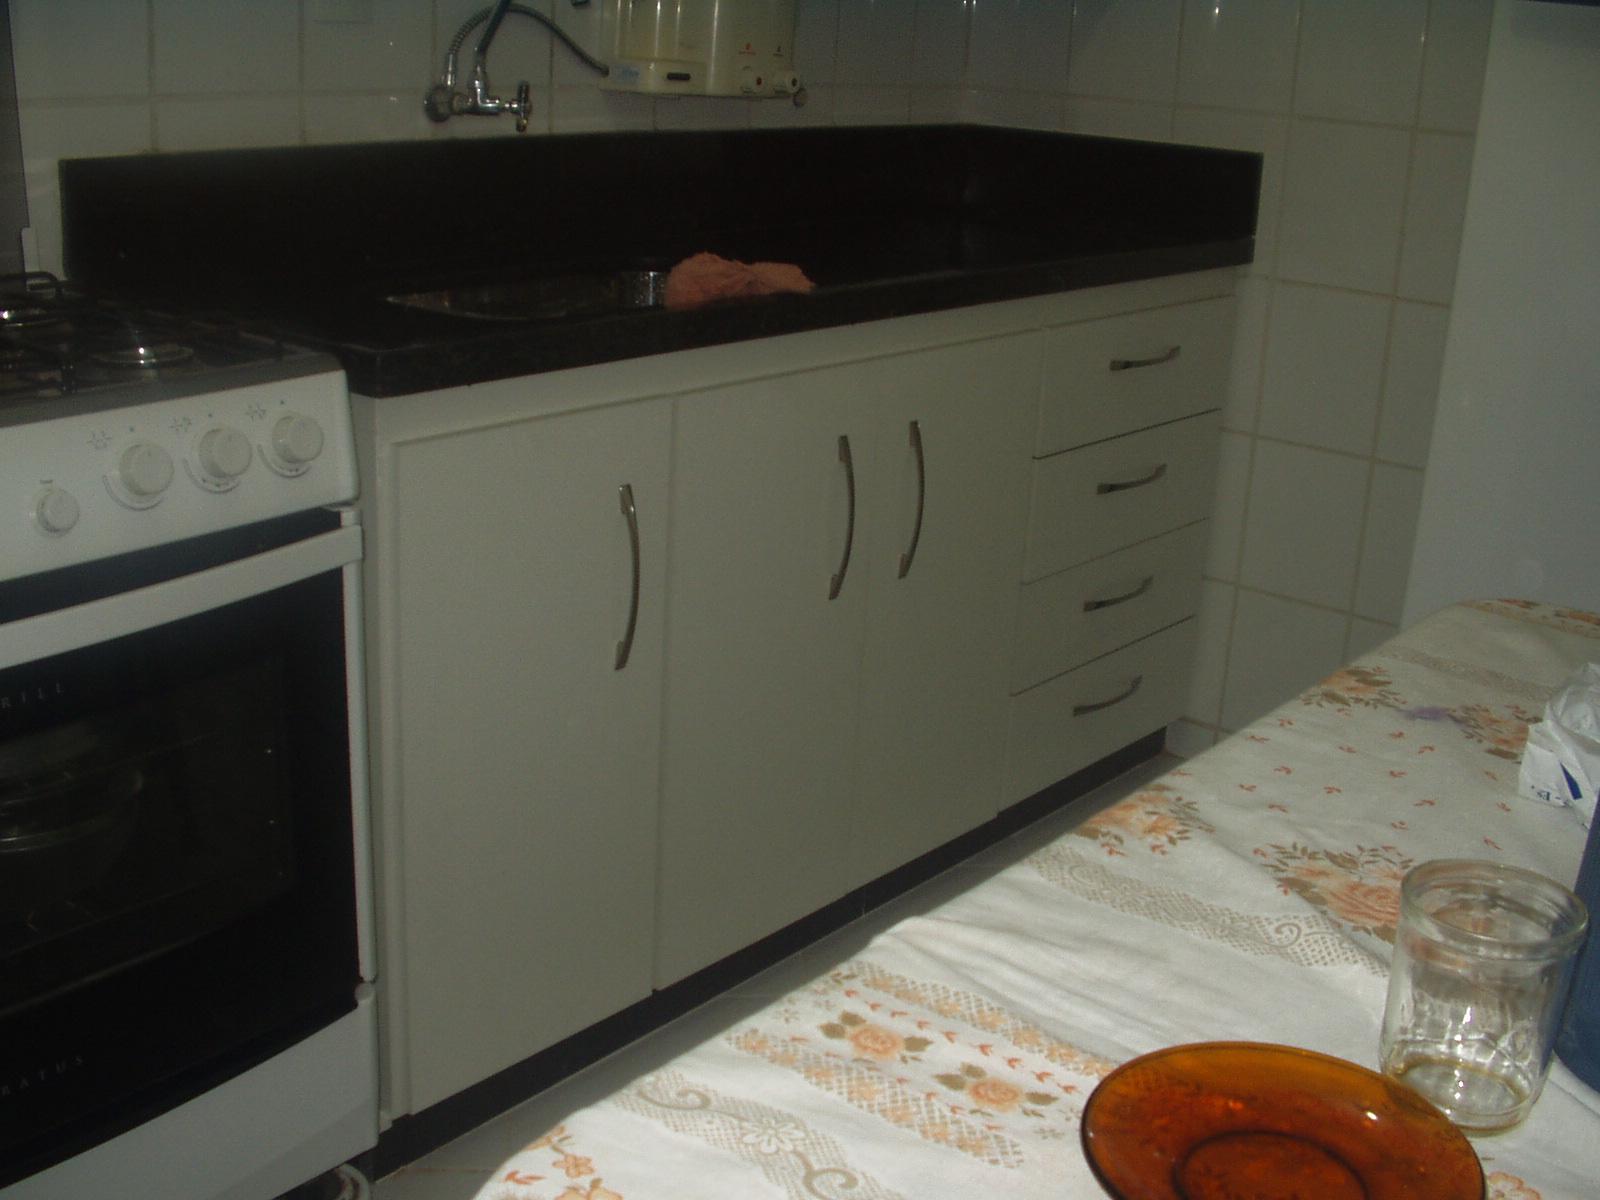 Armario Em Baixo Da Pia : Nep decoracoes cozinha em mdf branco parte de baixo da